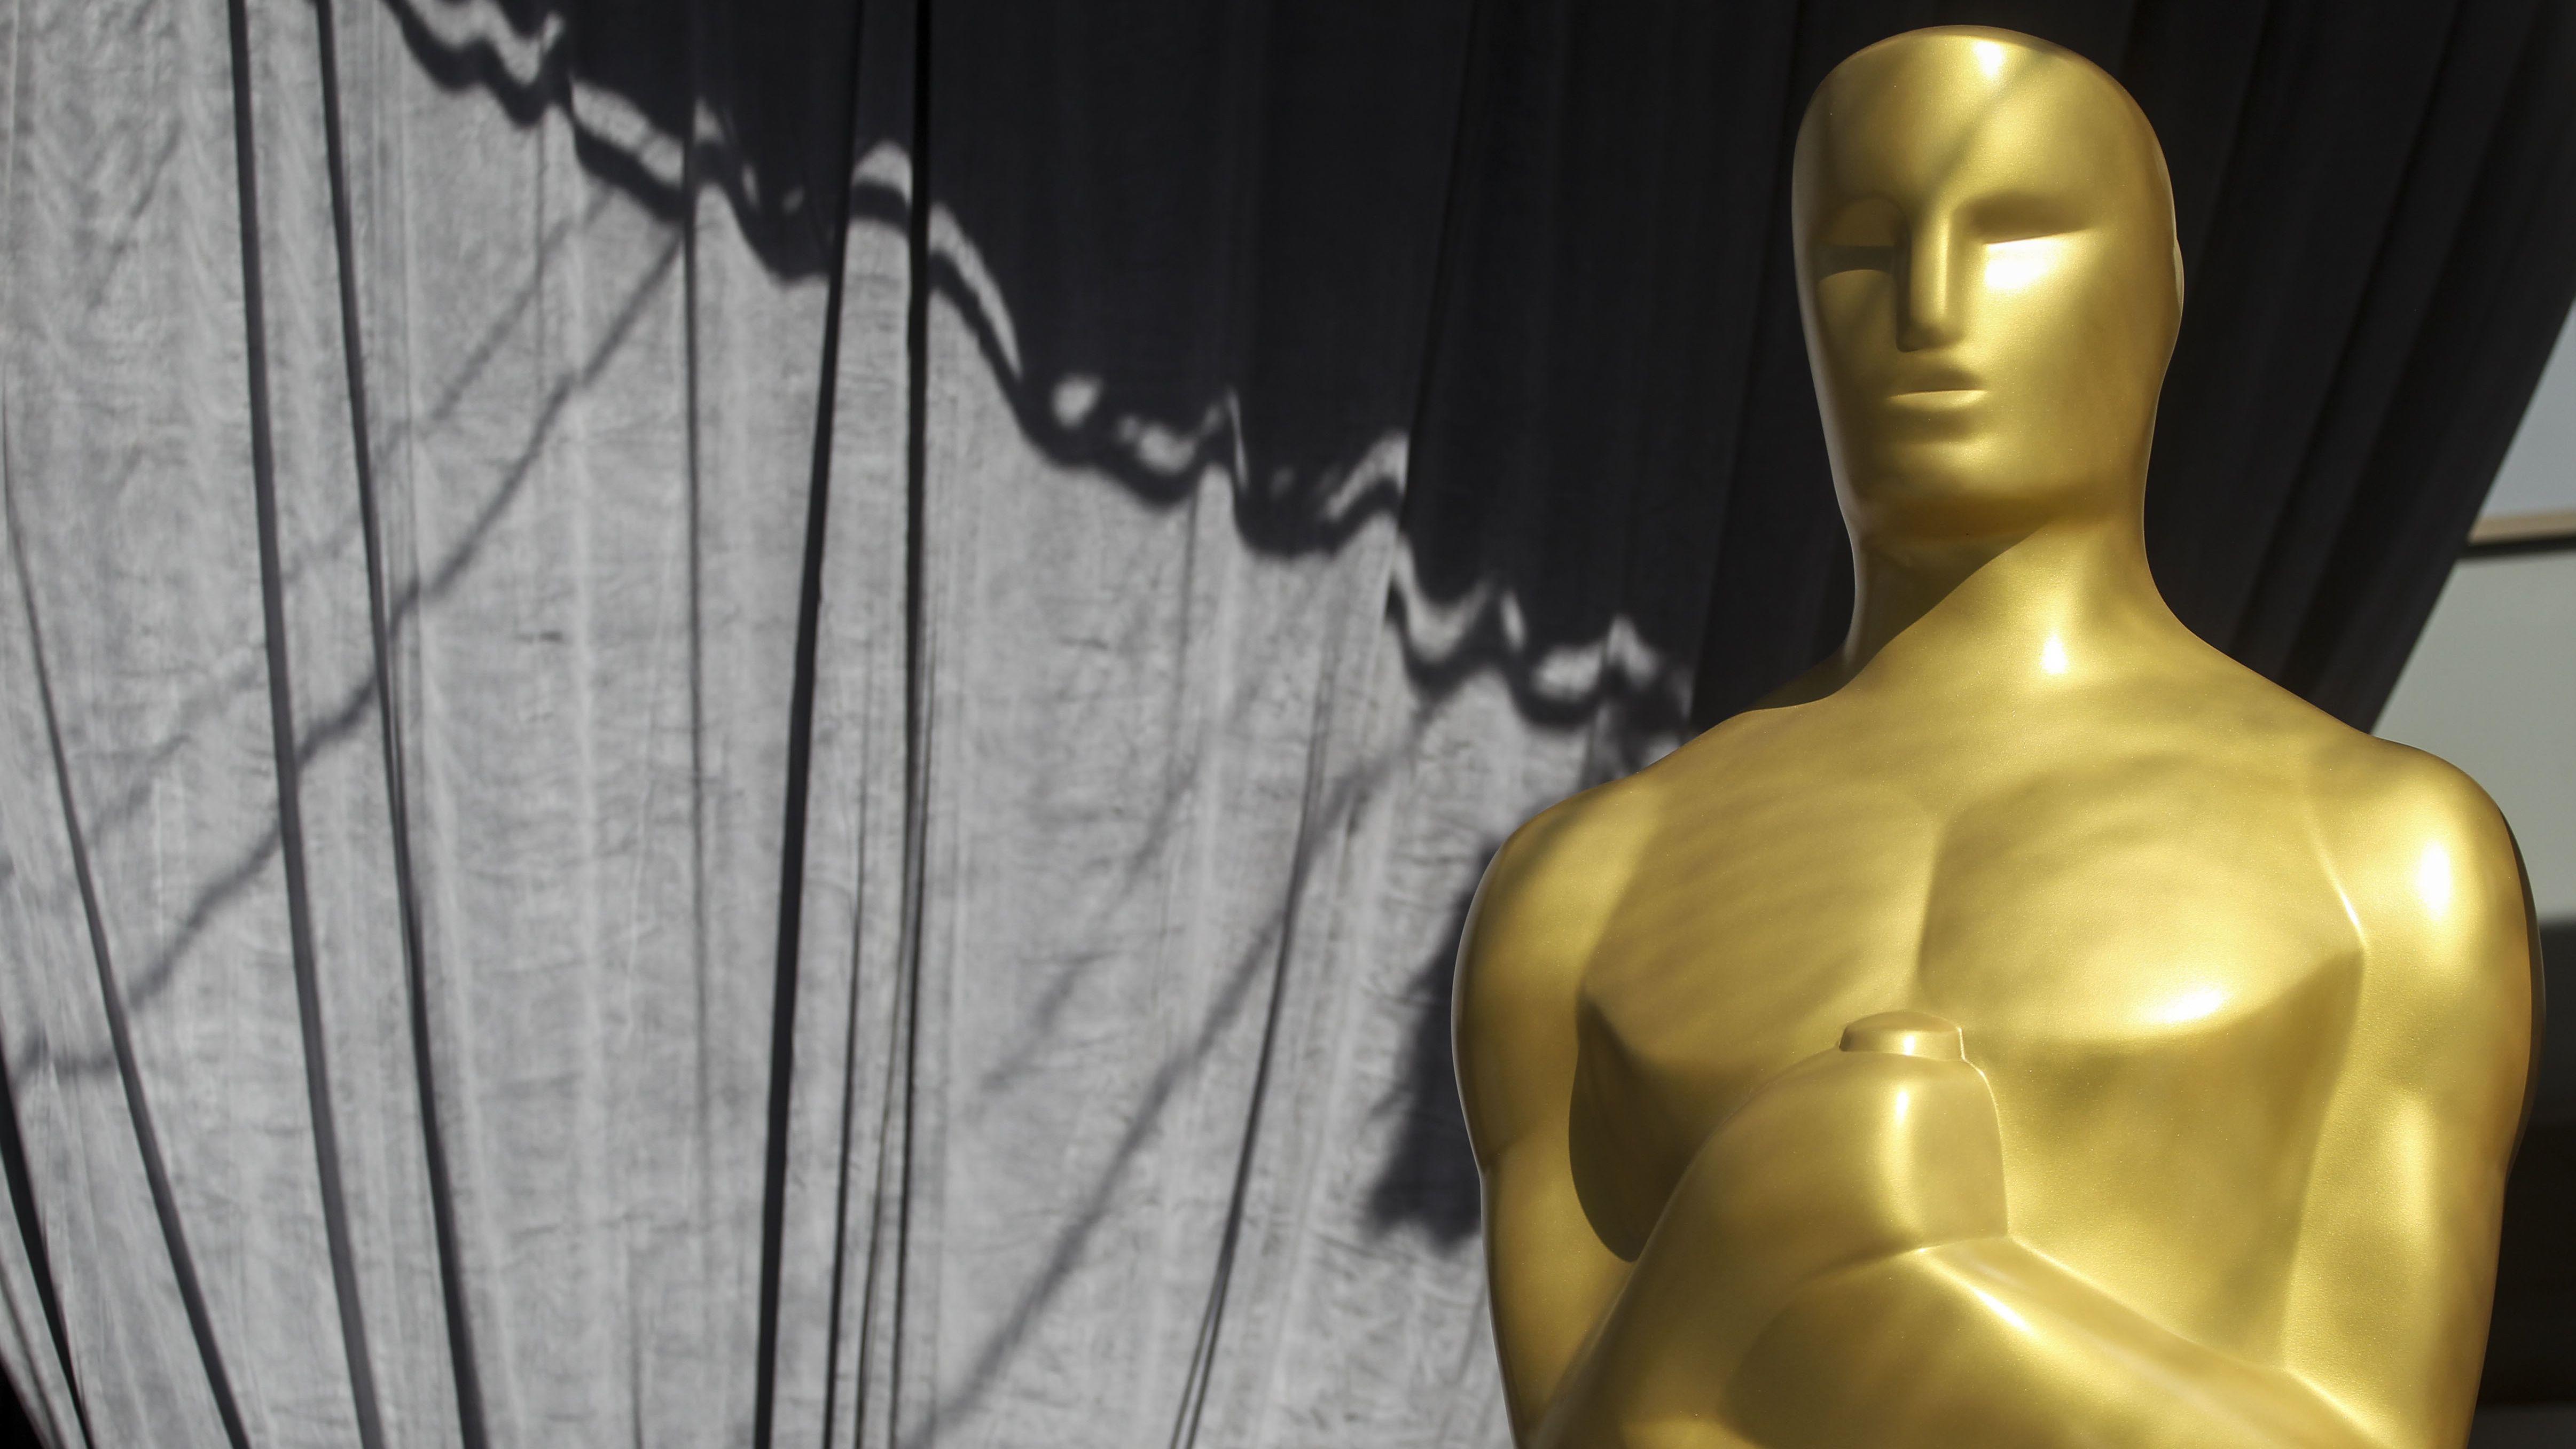 goldfarbene lebensgroße Oscars-Figur